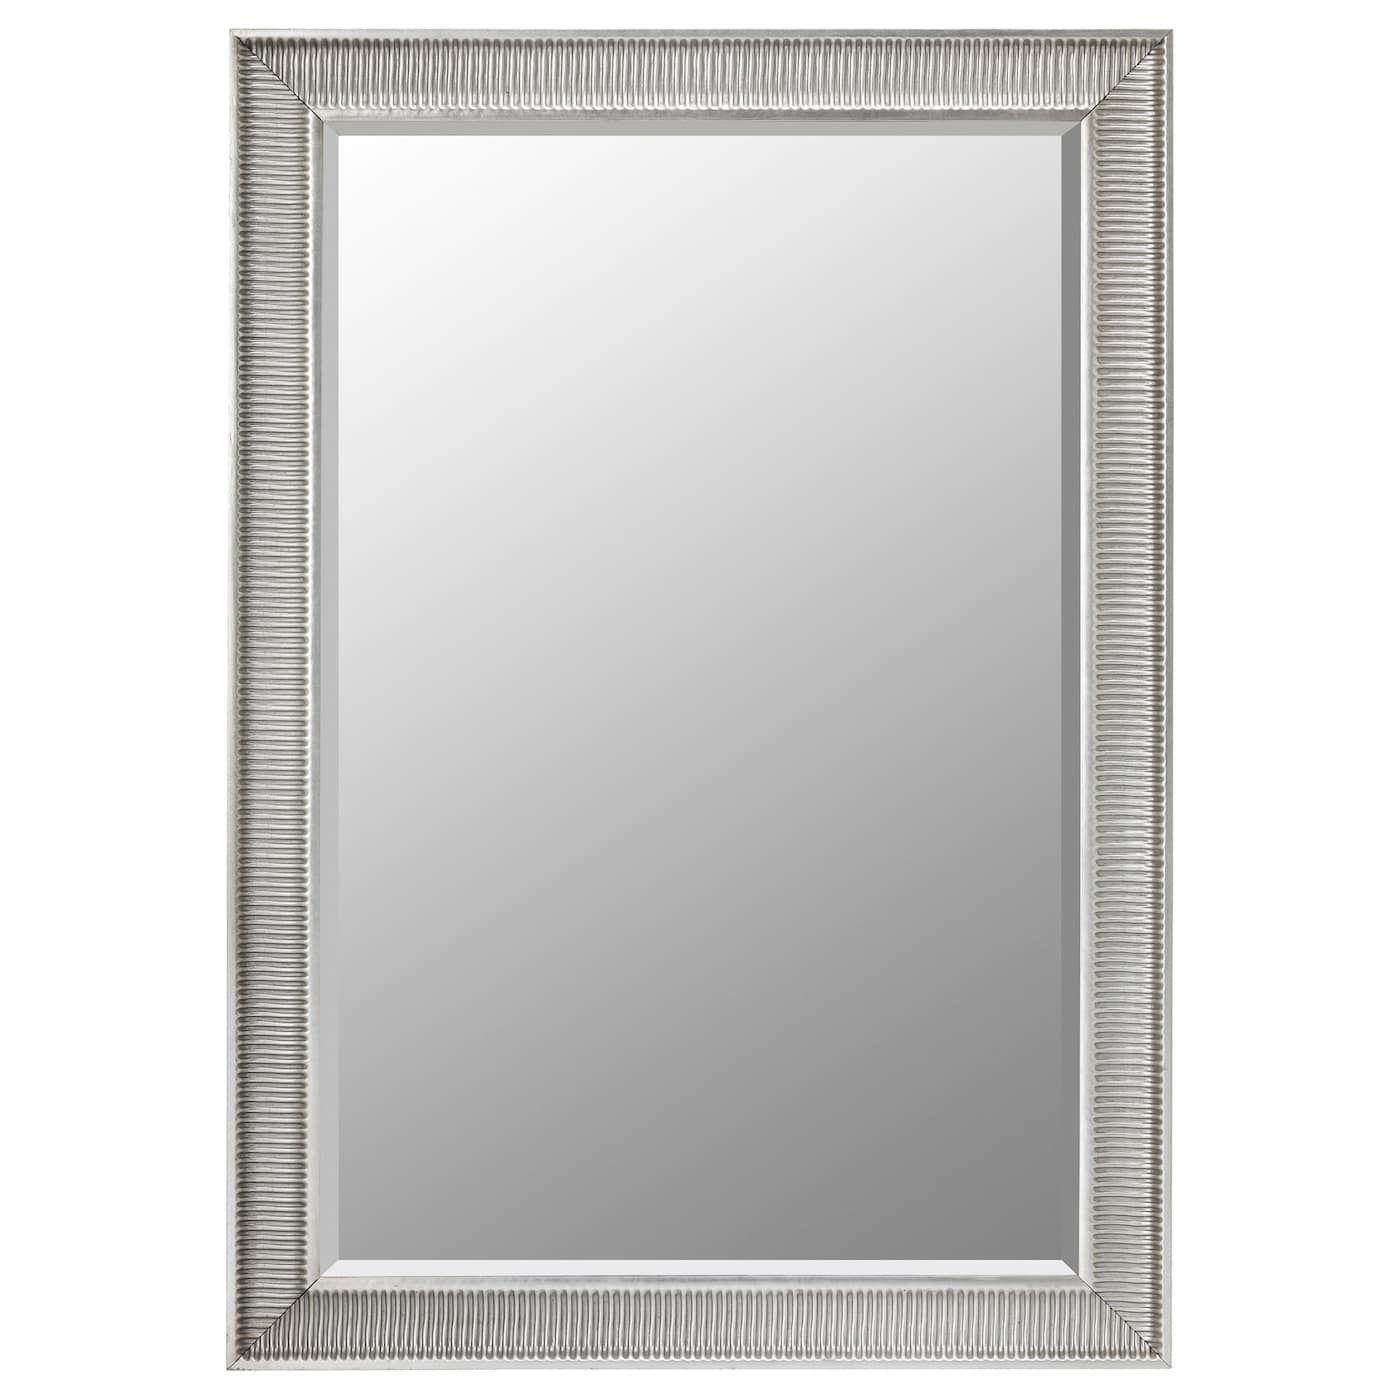 Specchi A Parete Ikea